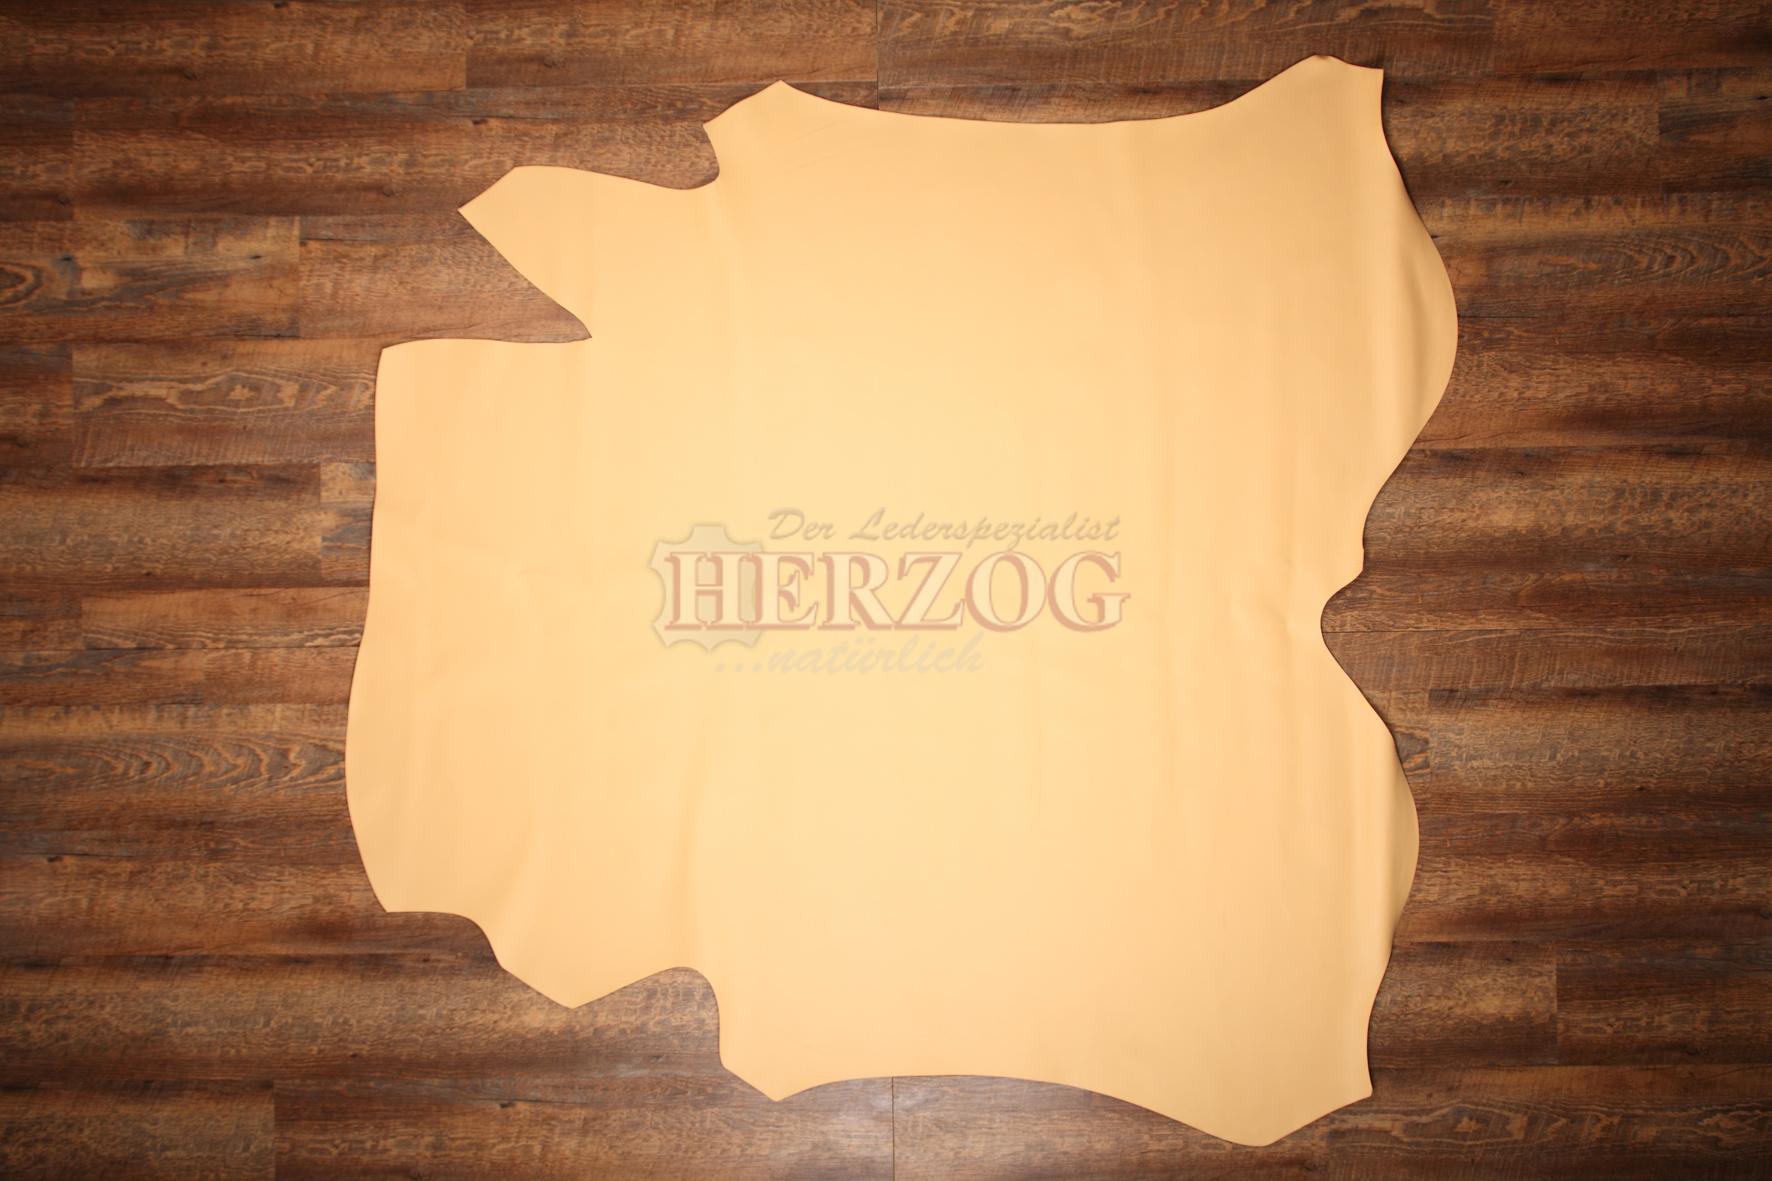 Herzog Zylinderkalbleder (ganzes Fell)